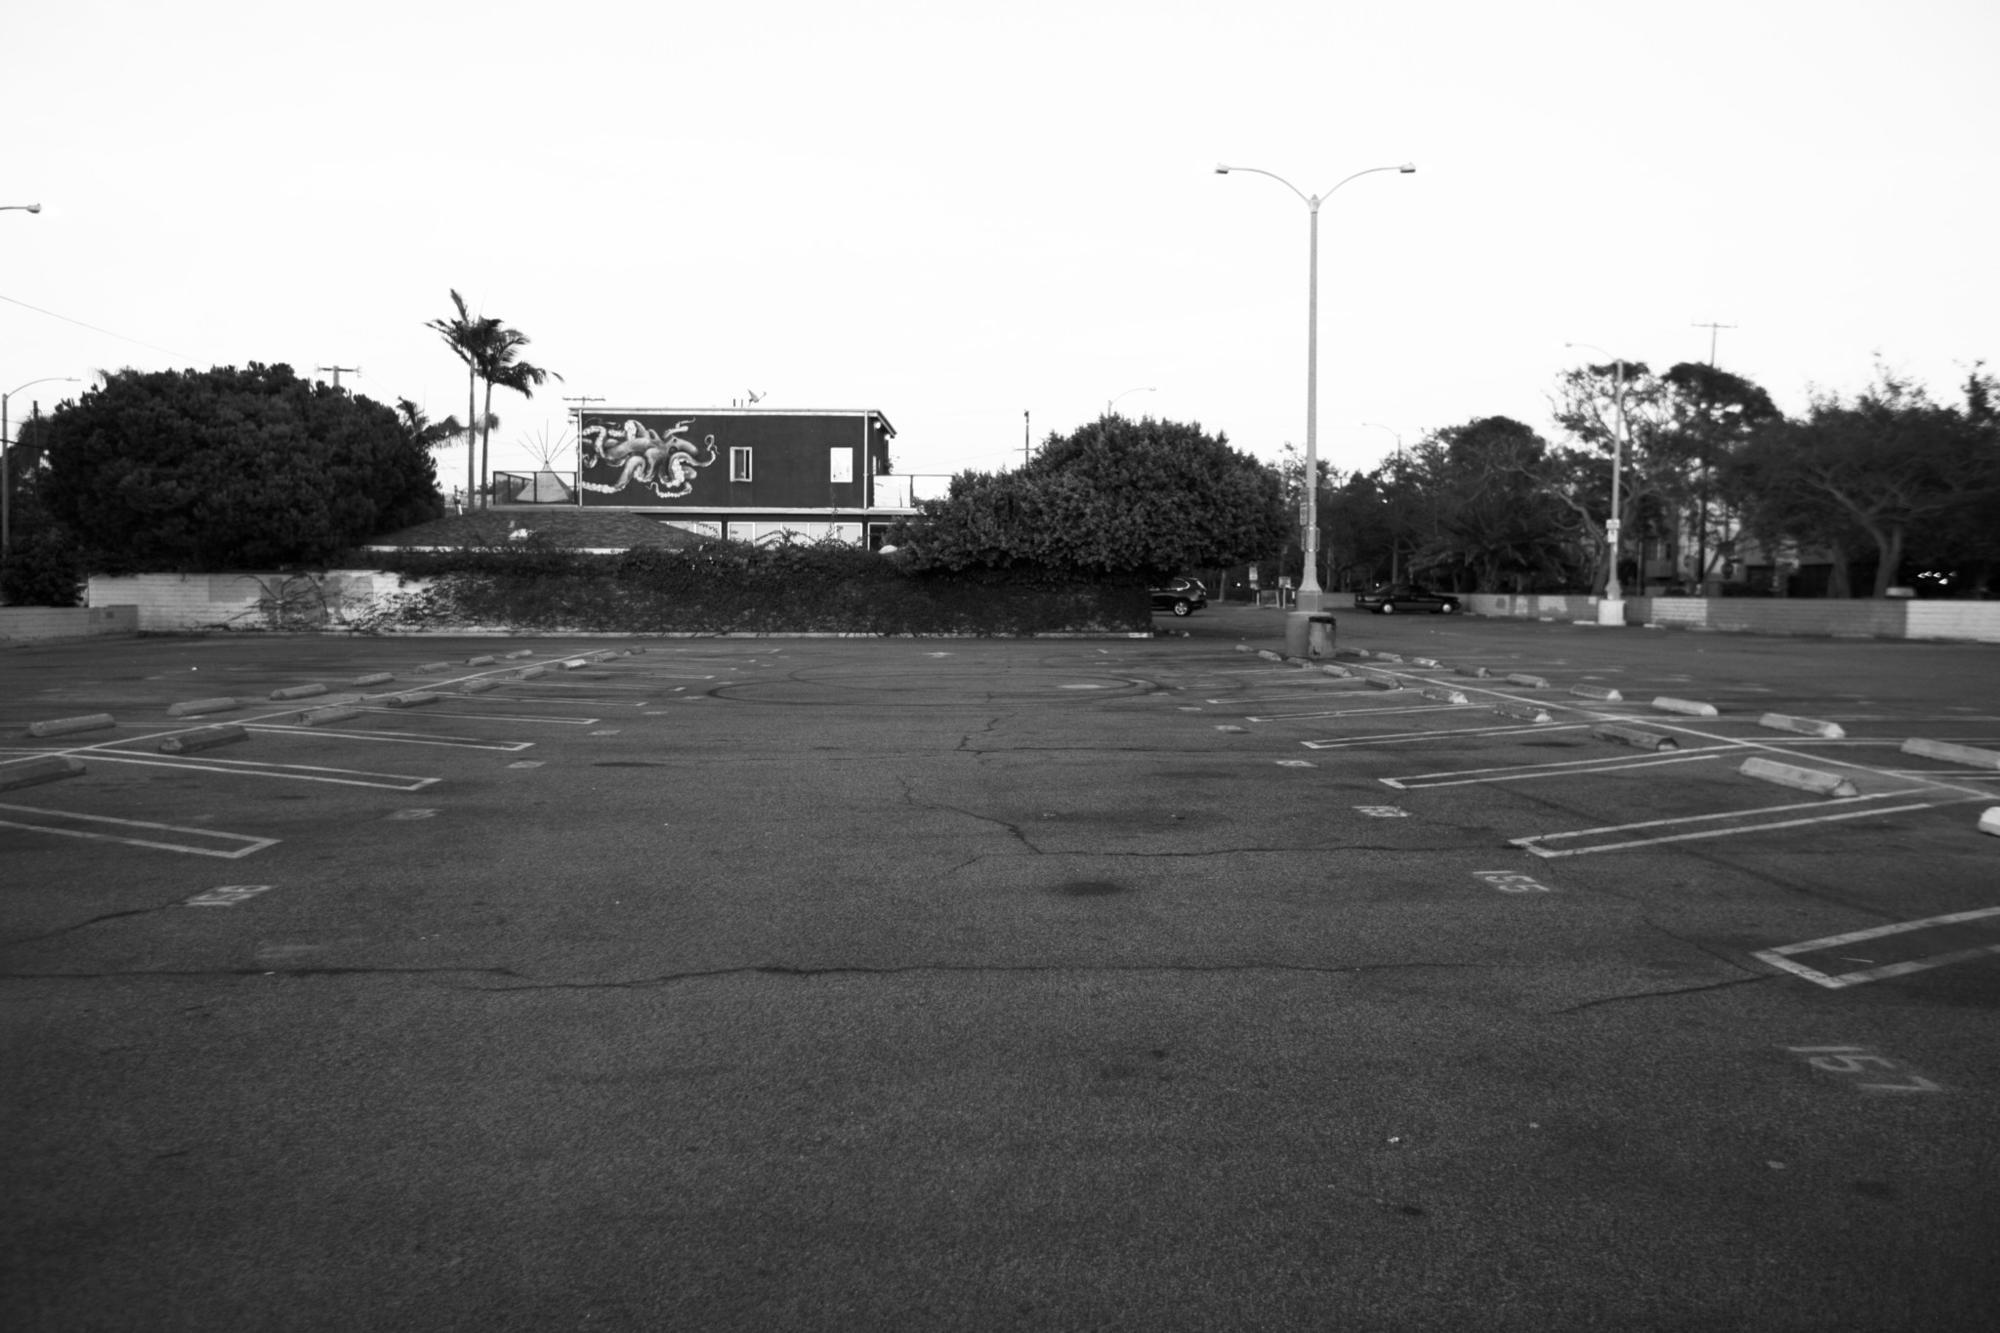 Venice parking lot